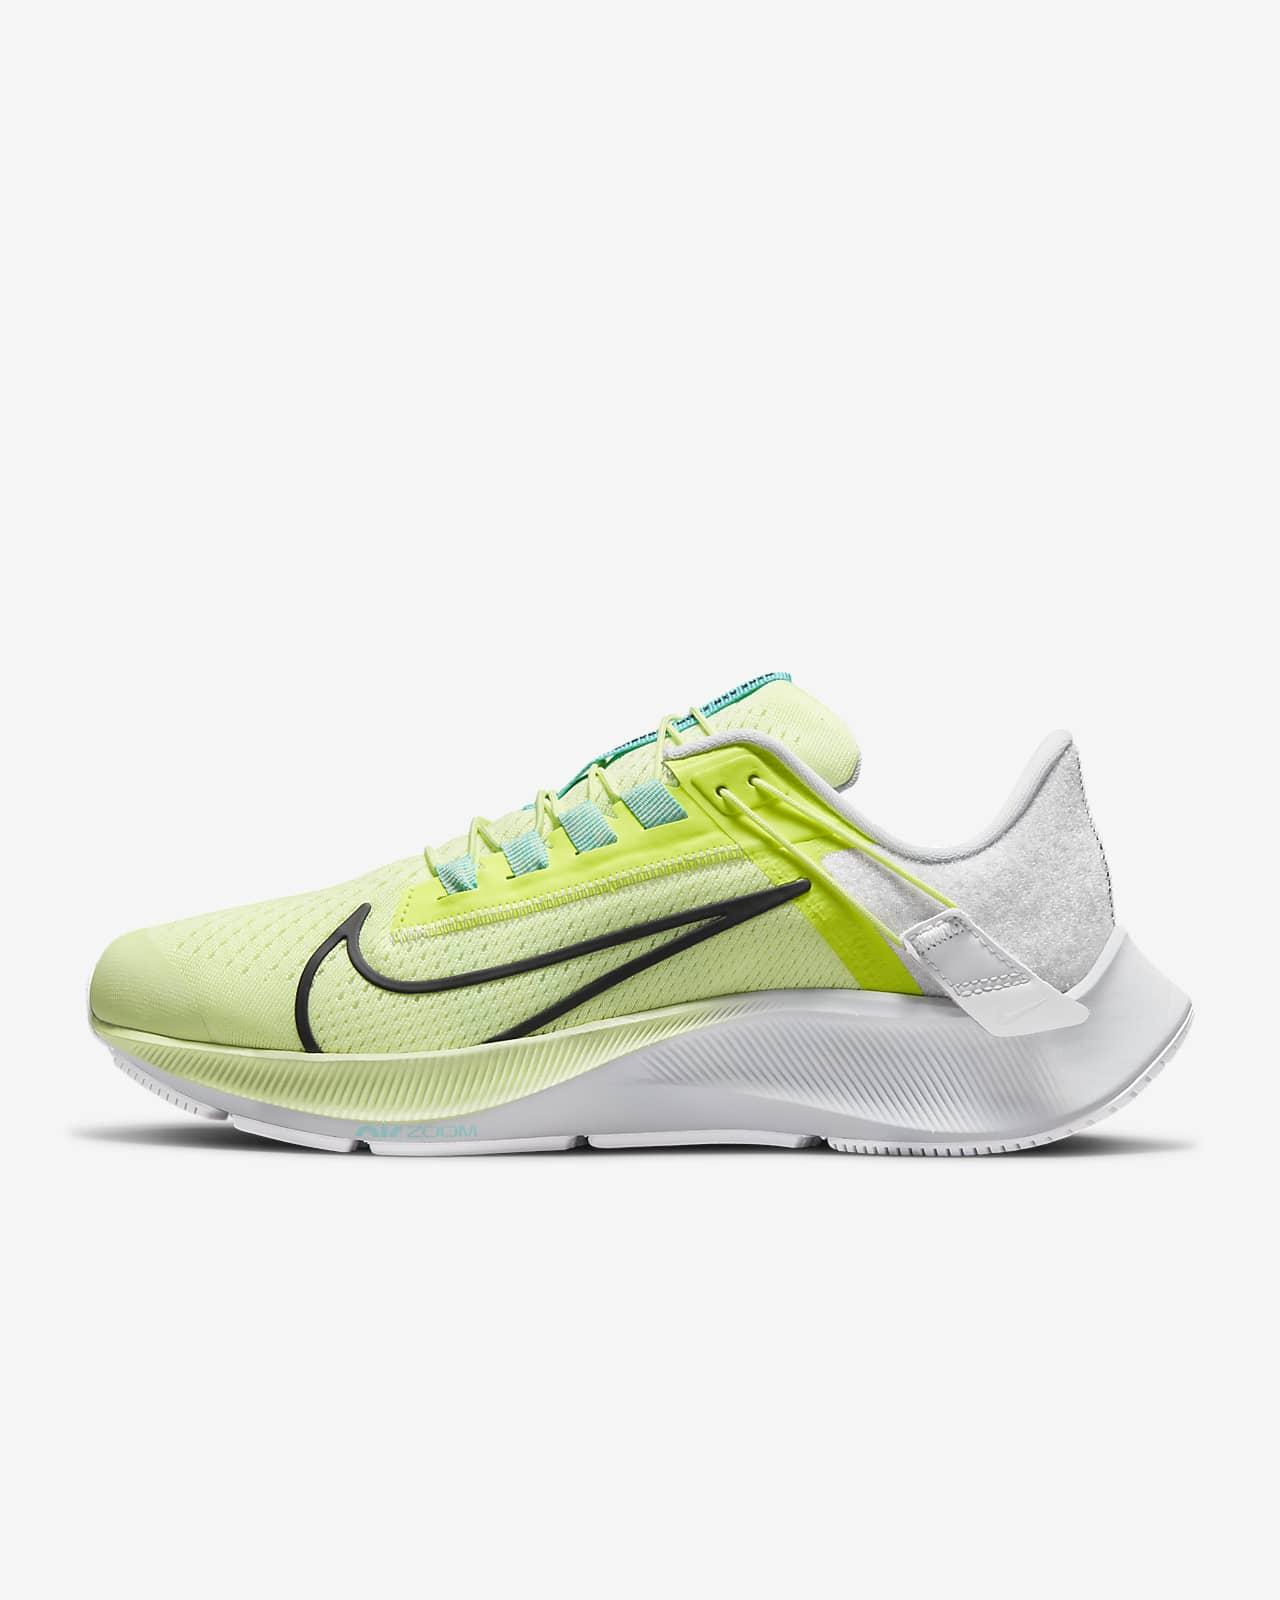 Nike Air Zoom Pegasus 38 FlyEase Kolayca Giyilip Çıkarılabilen Kadın Yol Koşu Ayakkabısı